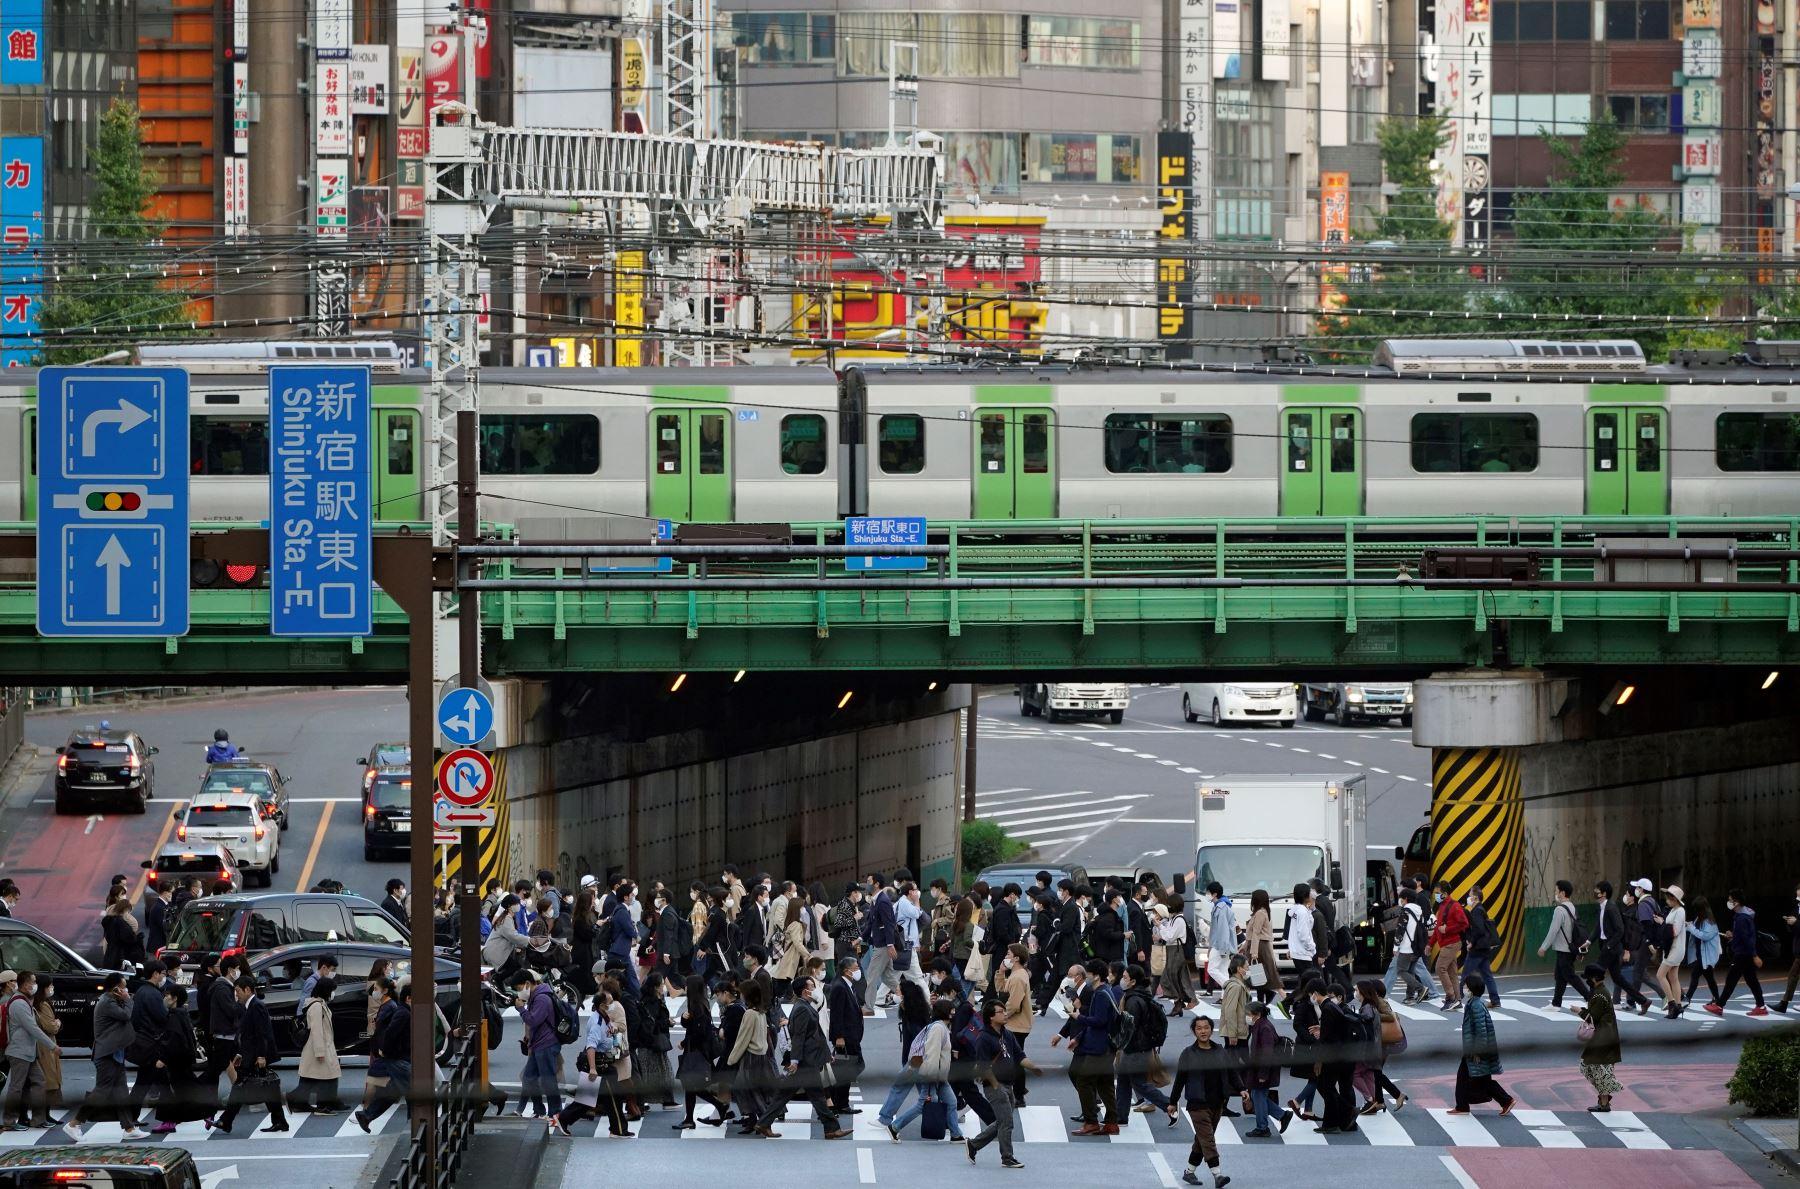 Los peatones cruzan una calle en el centro comercial, empresarial y administrativo de Shinjuku en Tokio, Japón. Foto: EFE